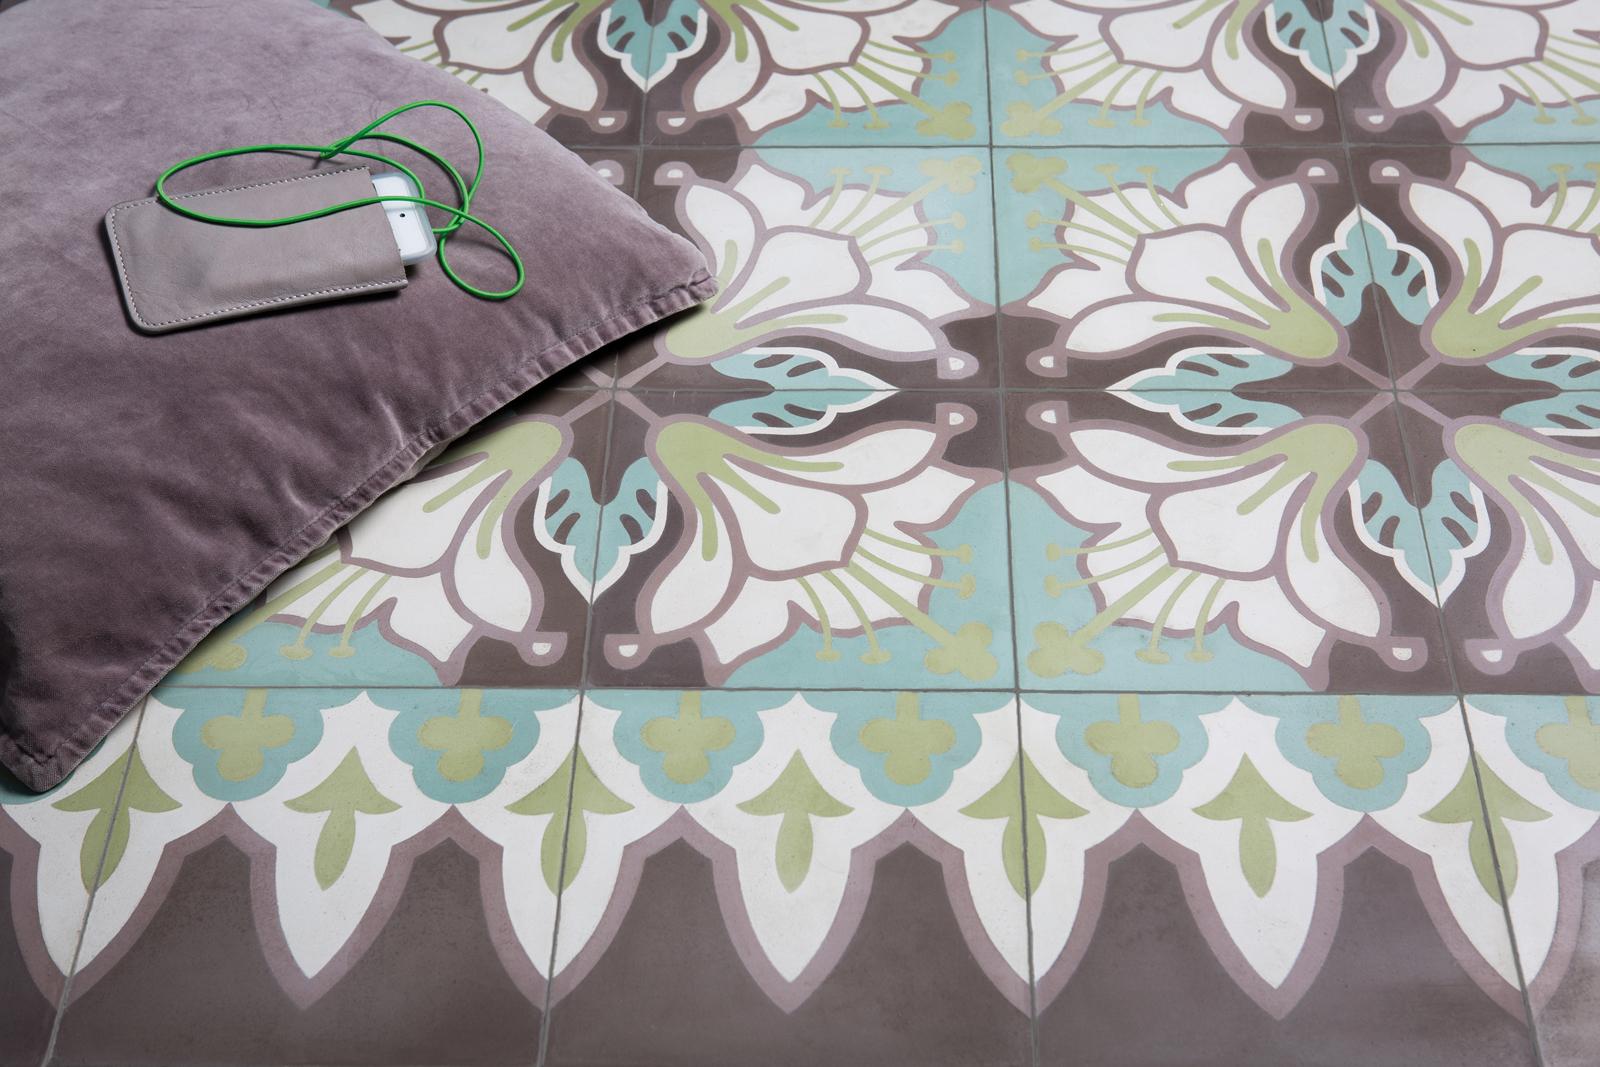 VIA Zementmosaikplatten-nr.51138-living-viaplatten | 51138